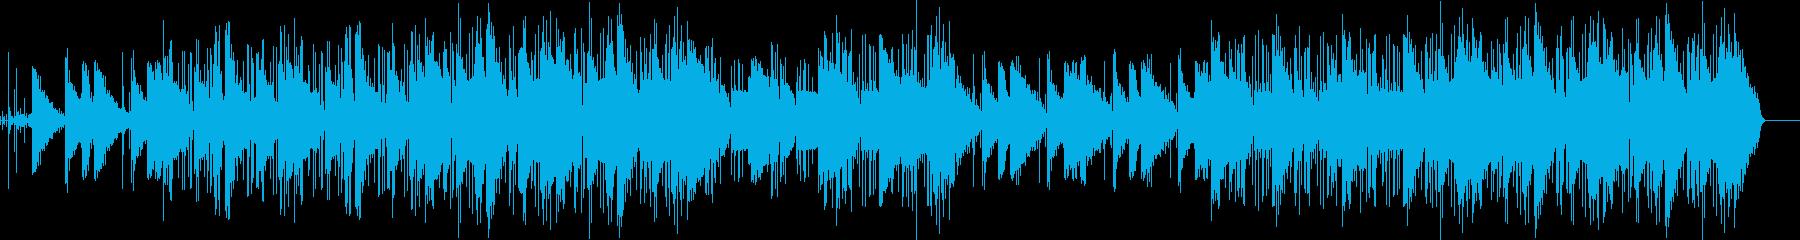 ポップ テクノ 透明感 電気ピアノ...の再生済みの波形